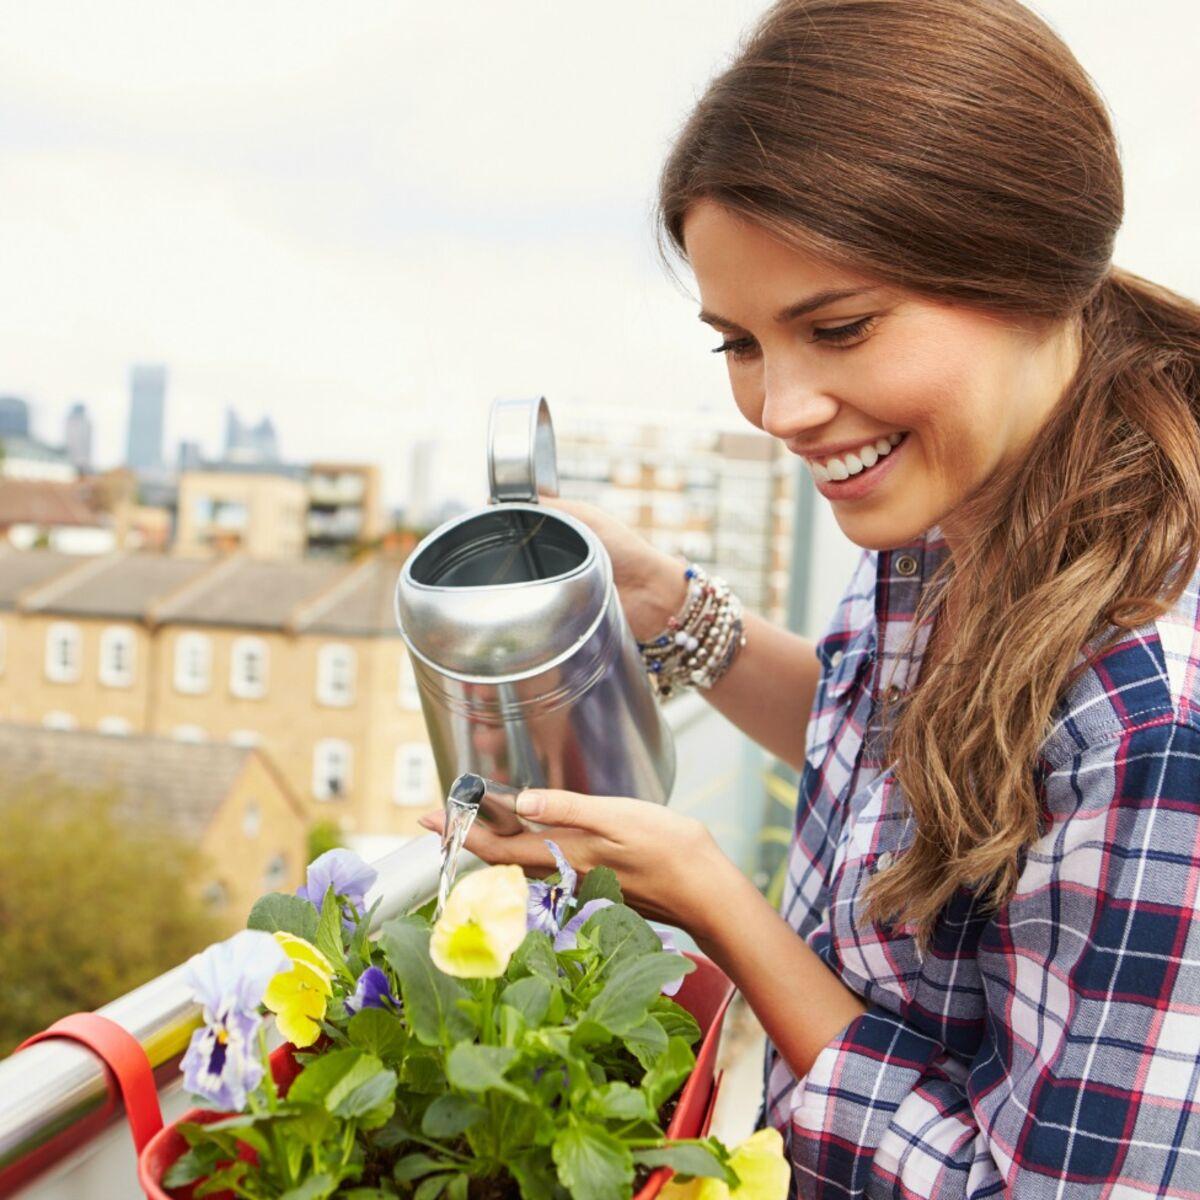 Comment Arroser Jardin Pendant Vacances vidÉo - comment arroser vos plantes pendant vos vacances